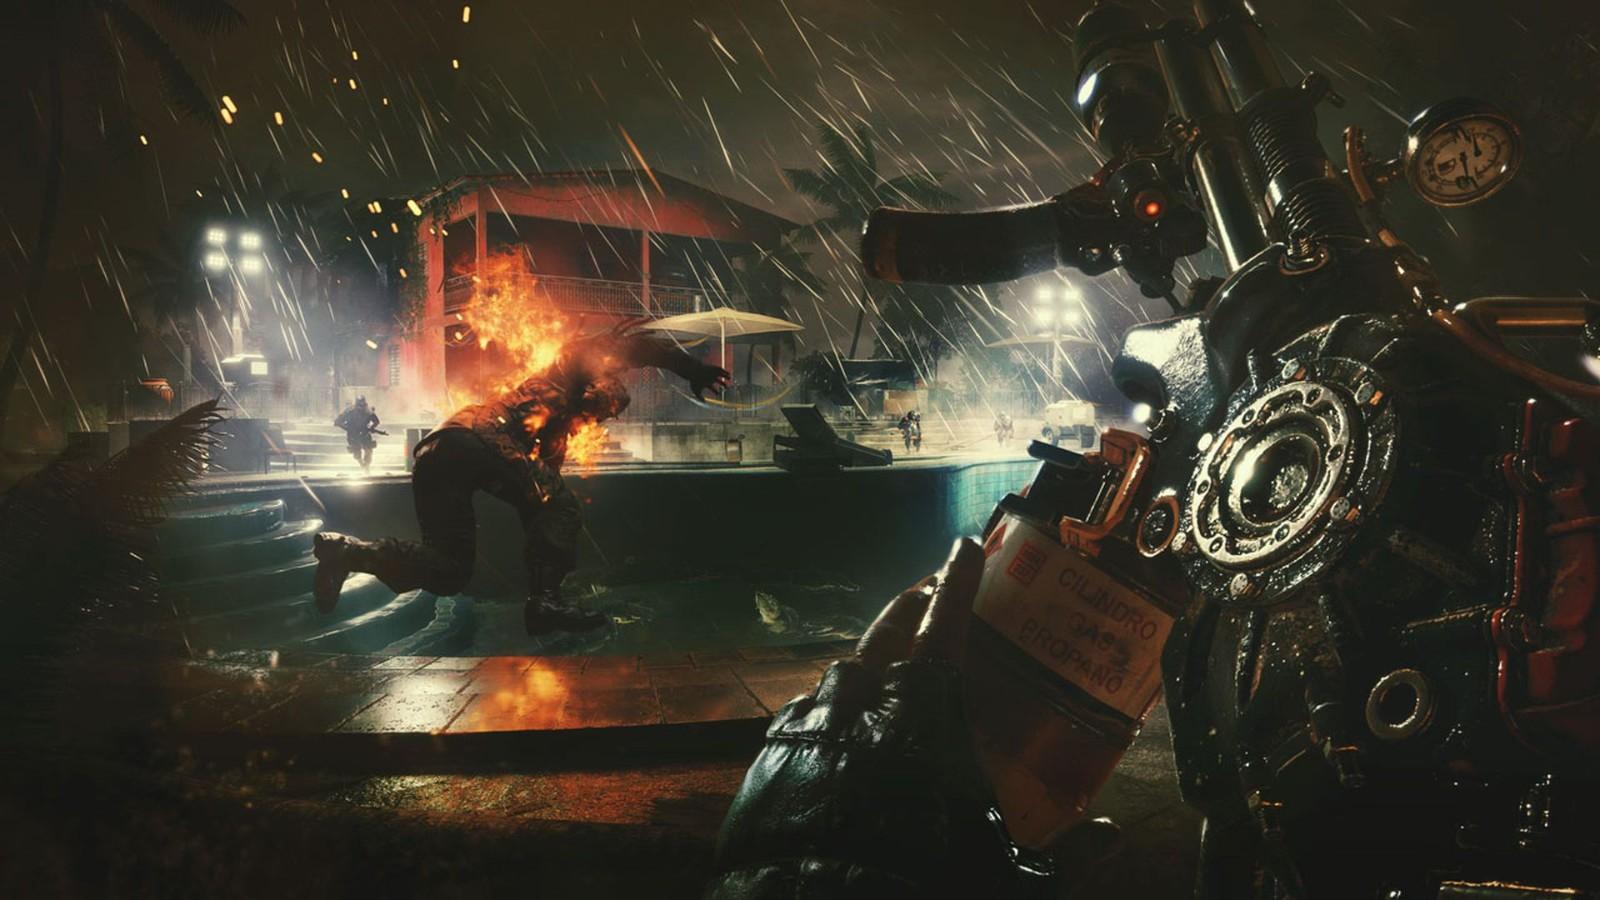 育碧:《孤岛惊魂6》旧主机版不会变成第二个《赛博朋克2077》